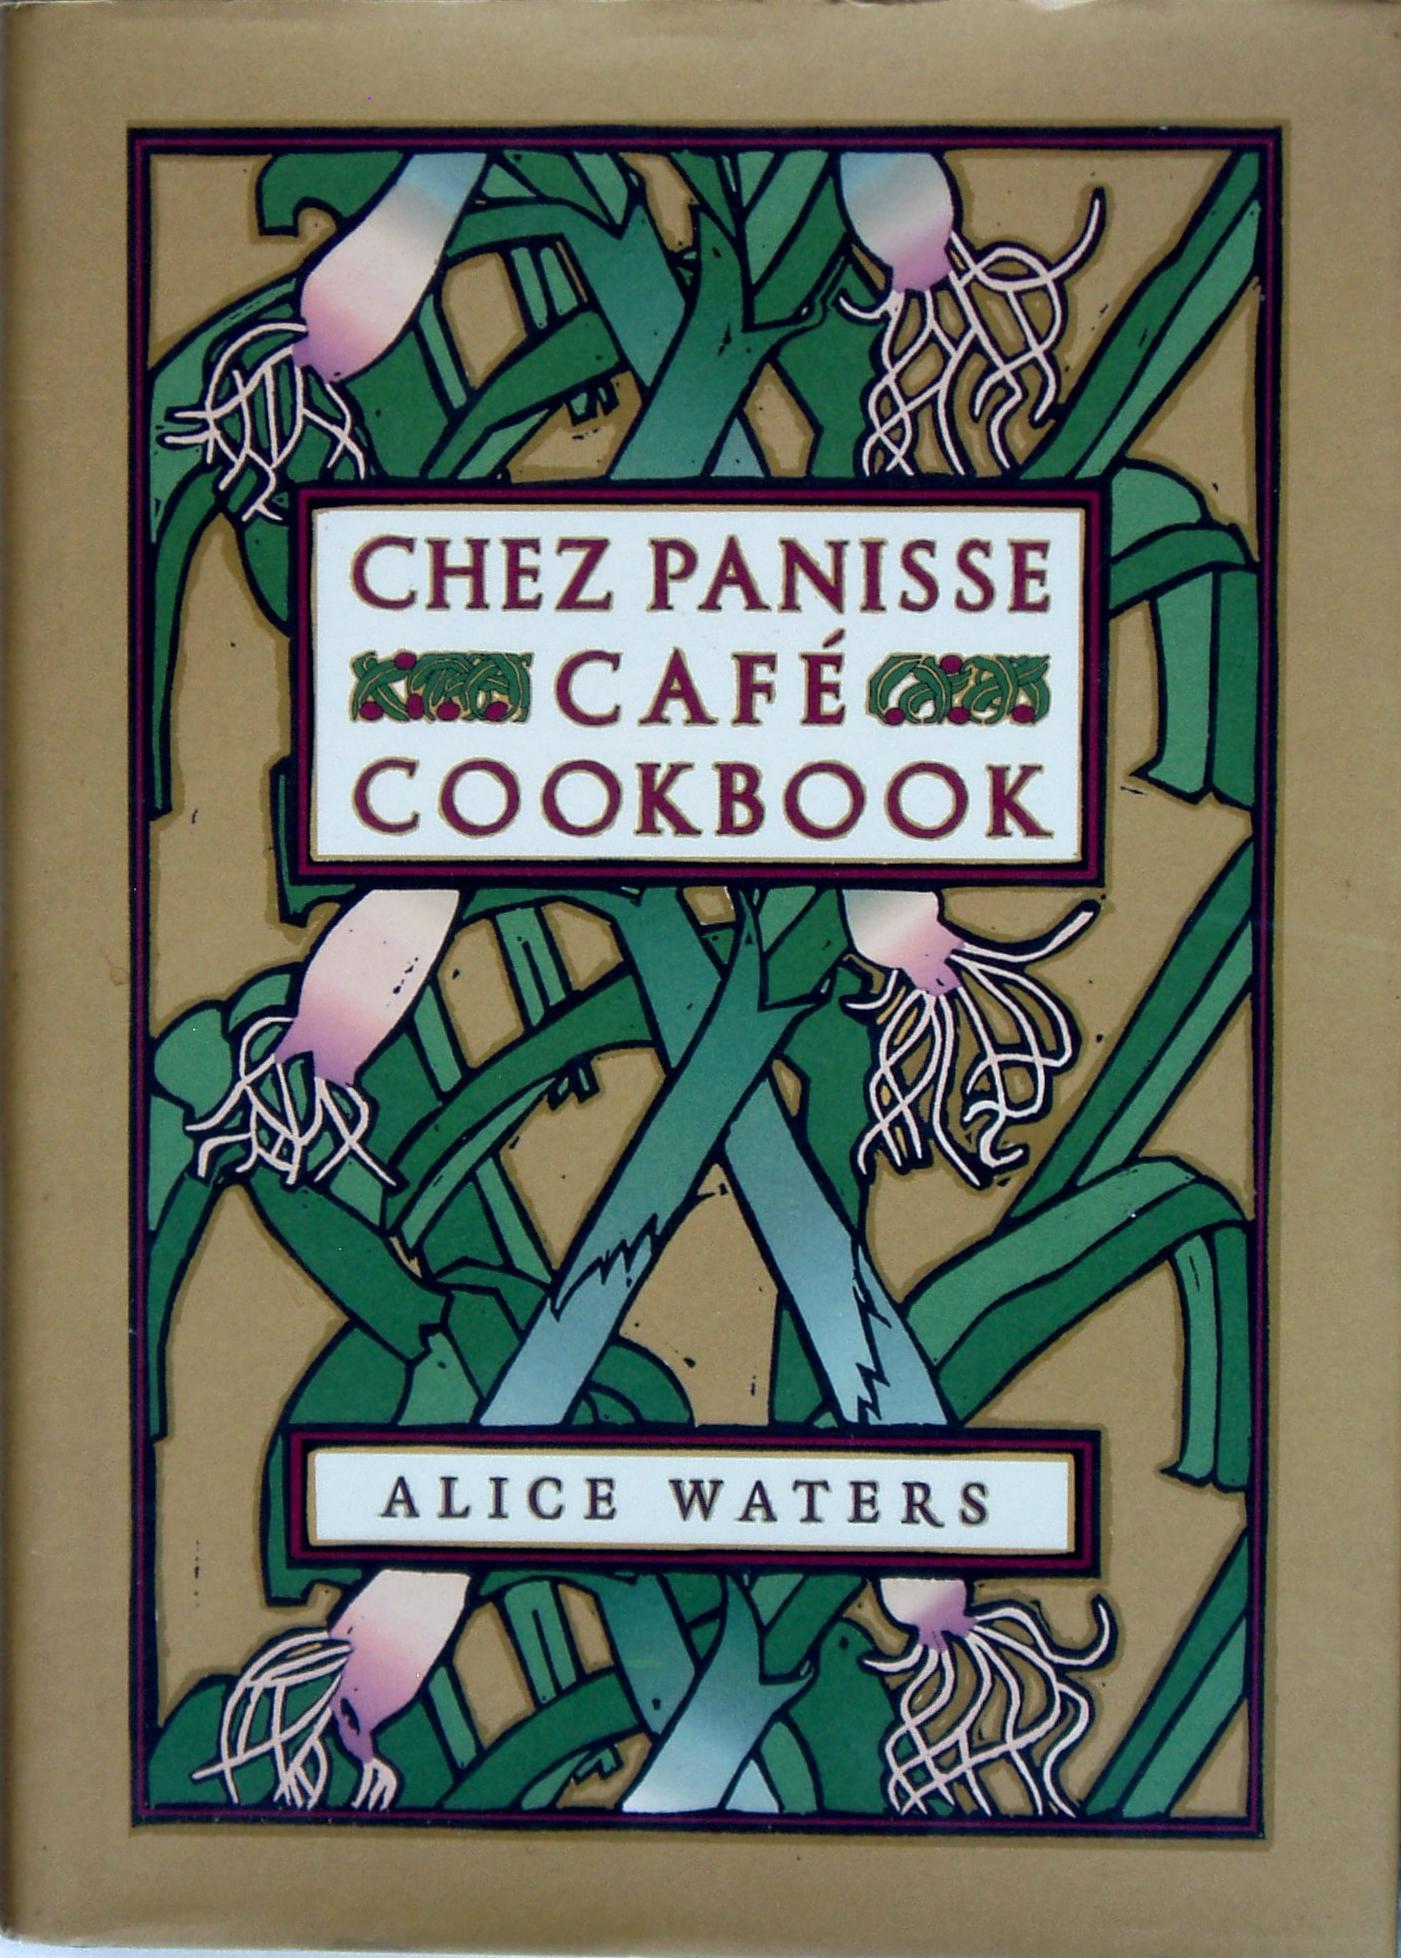 'Chez Panisse Café Cookbook' $20